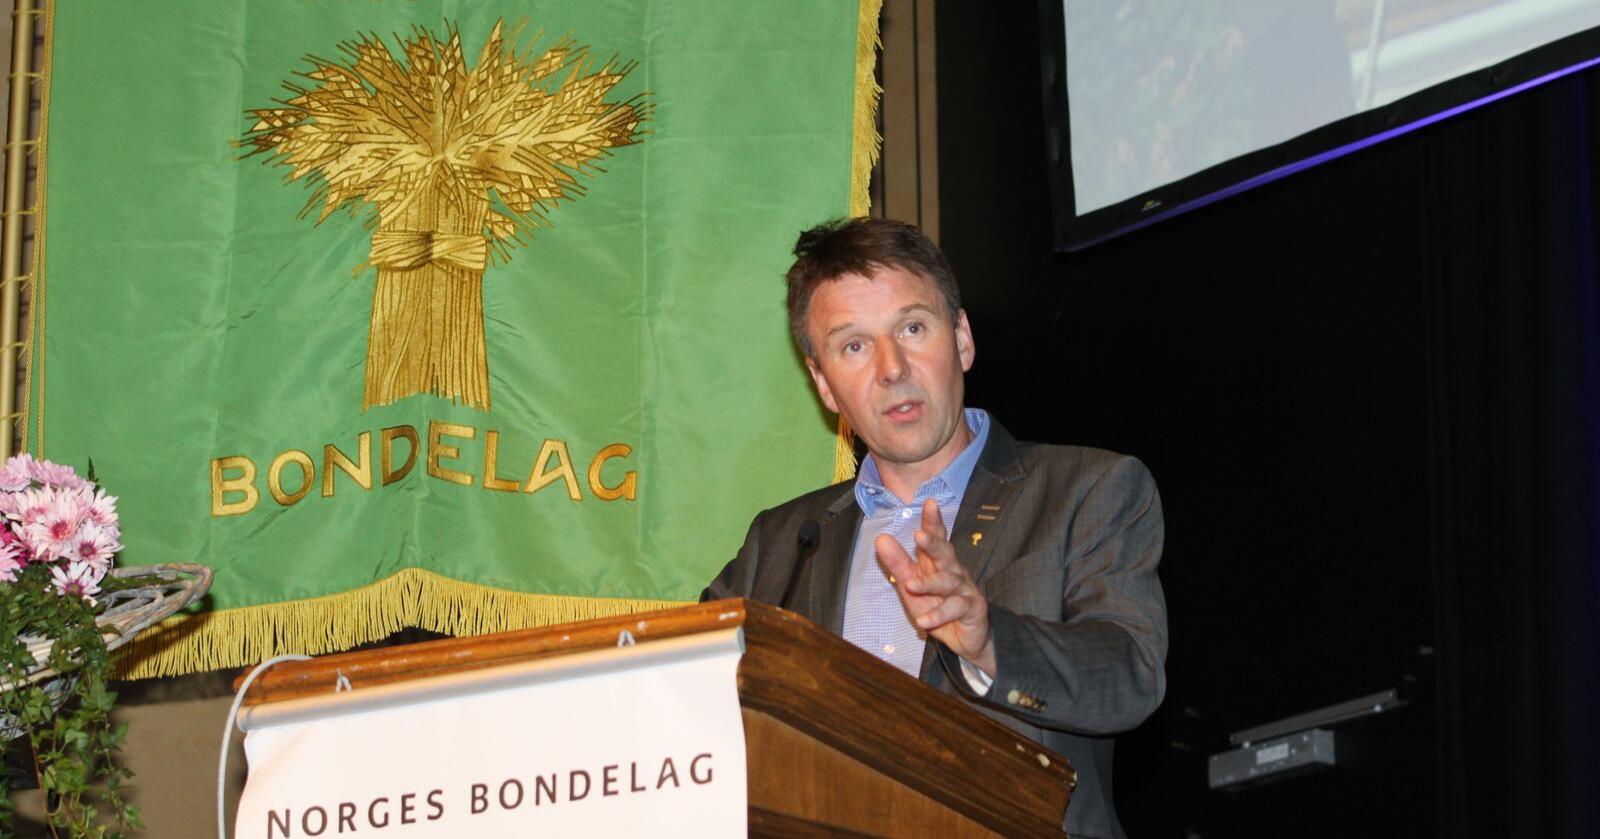 Etter seks år som leder i Norges Bondelag har Lars Petter Partnes varslet at han ikke stiller til gjenvalg på sommerens årsmøte.